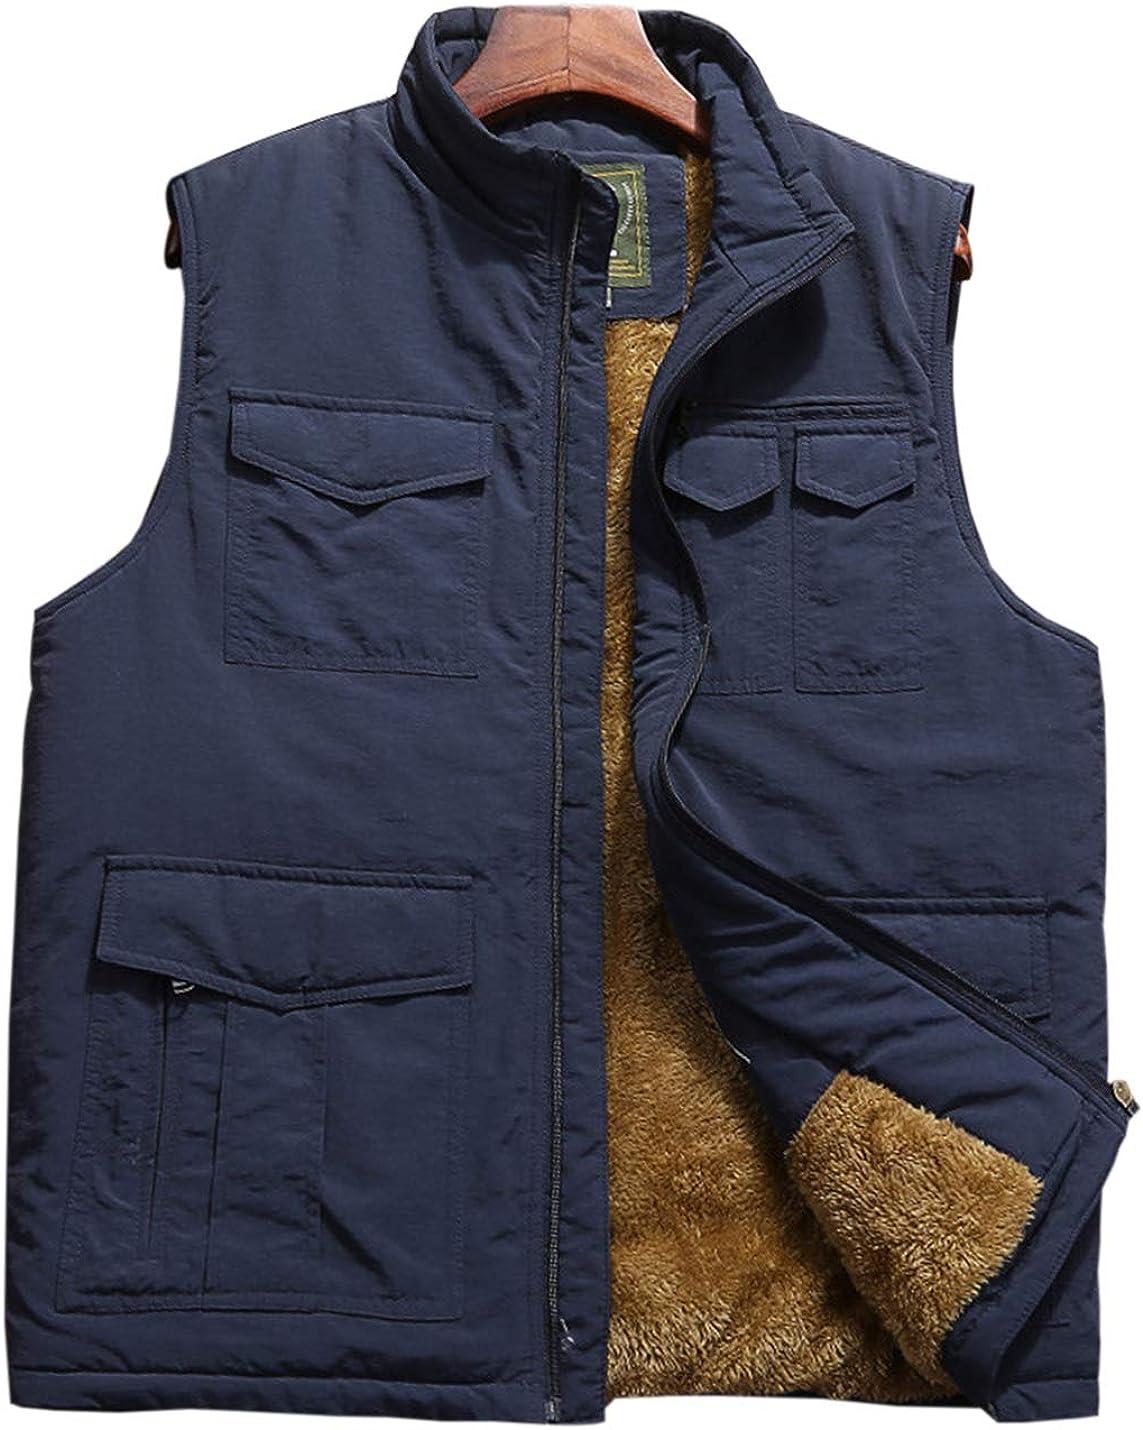 Gihuo Men's Thickened Outdoor Fishing Safari Vest Sleeveless Jacket